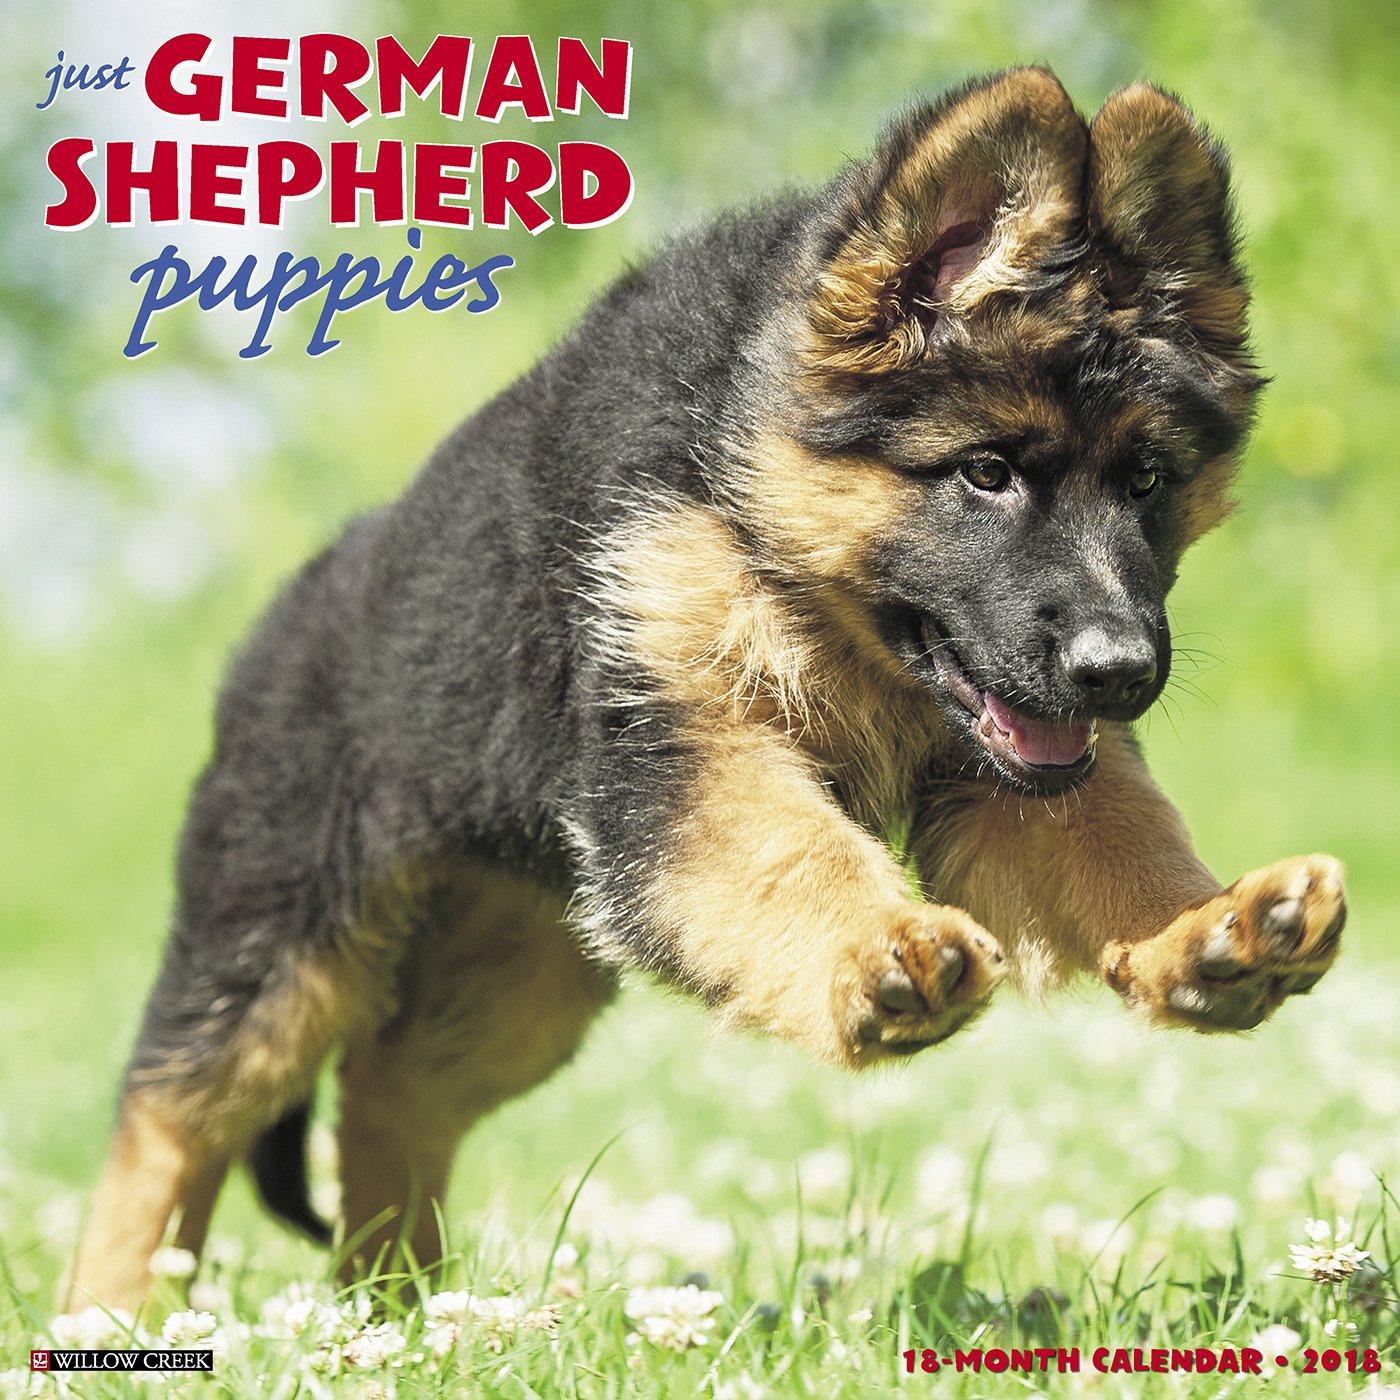 Just German Shepherd Puppies 2018 Calendar Willow Creek Press